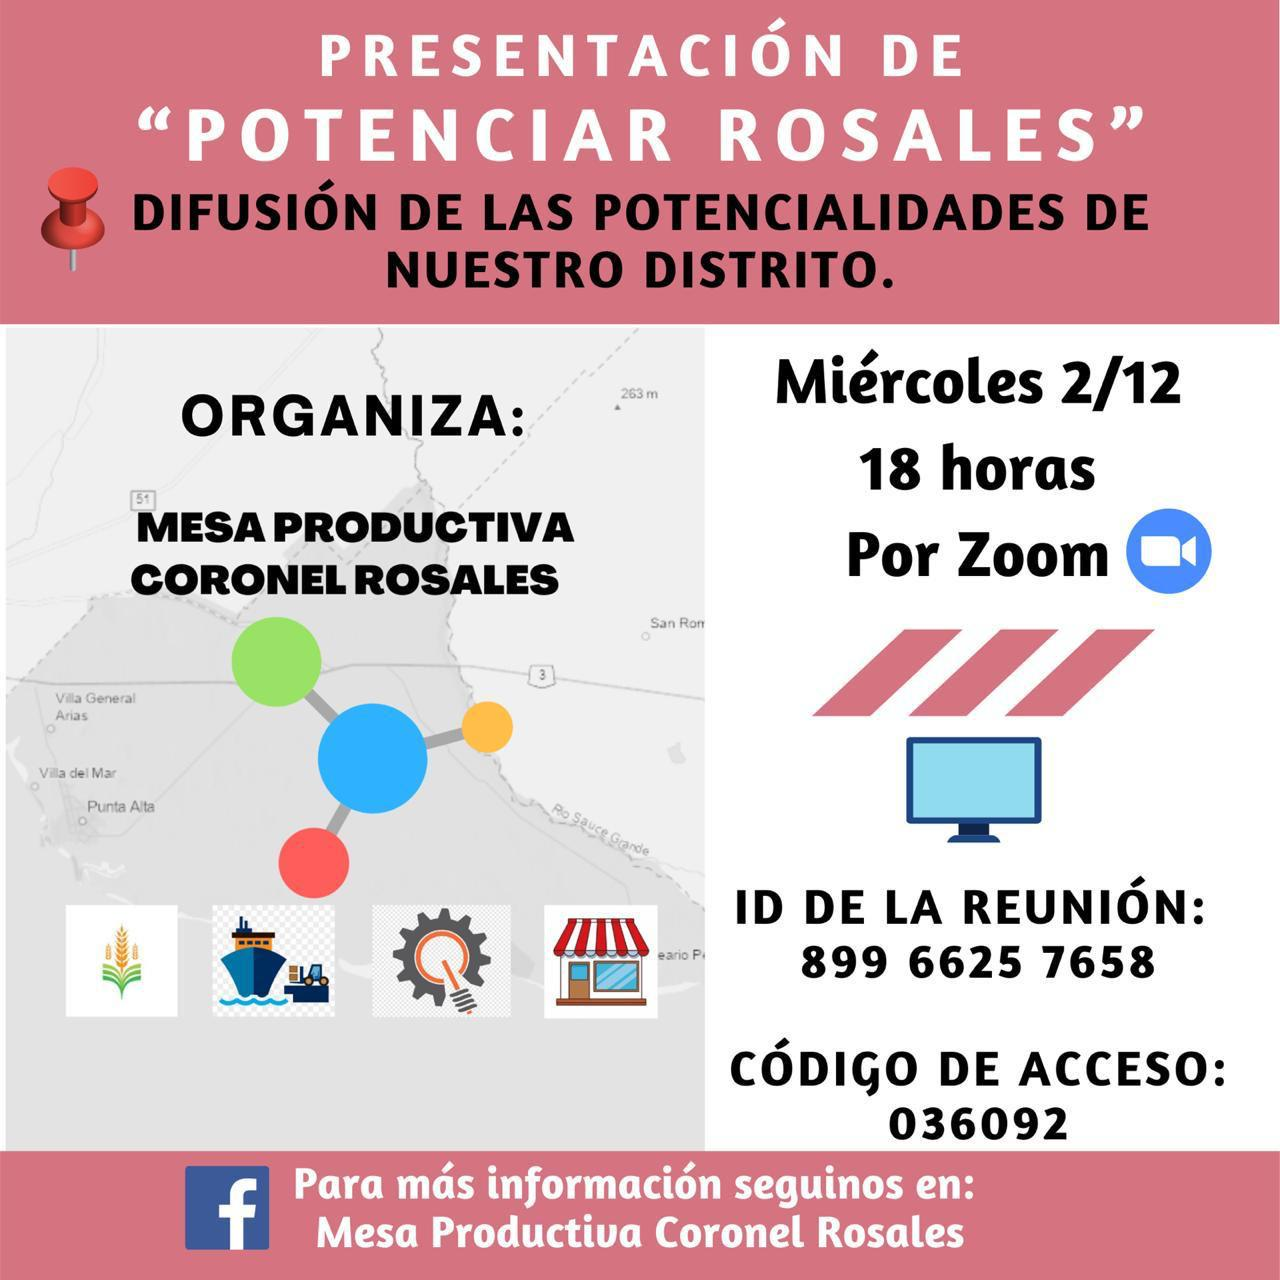 Potenciar Rosales Flyer